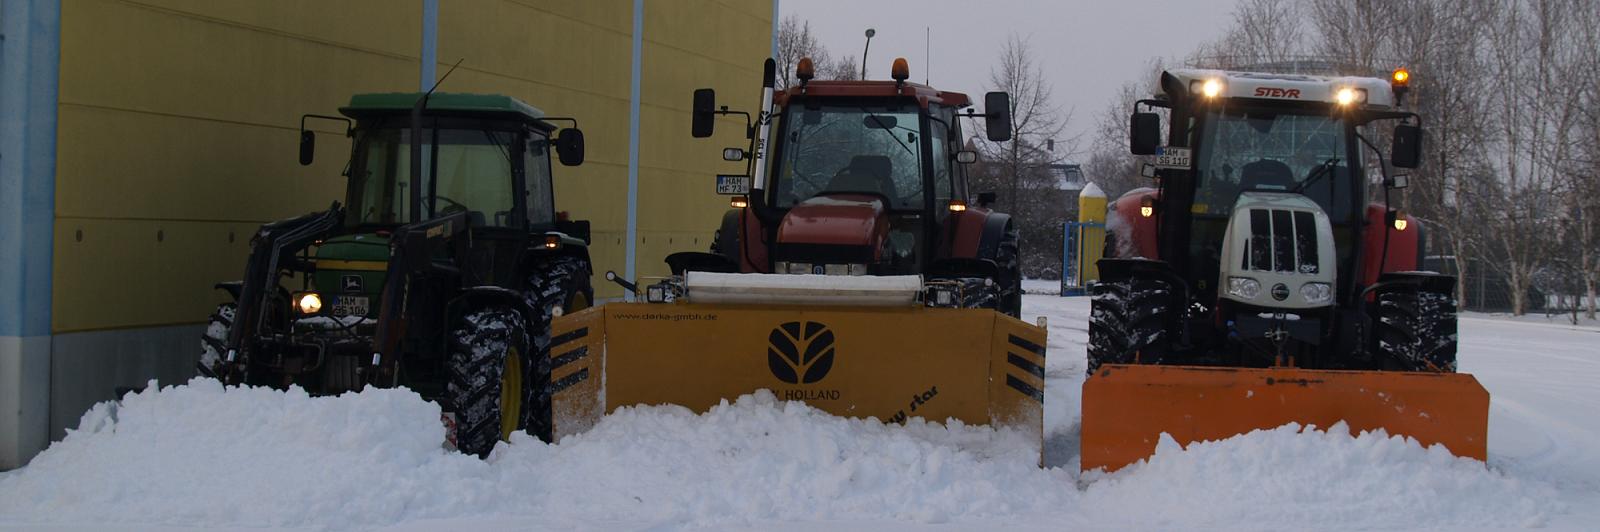 Wir bieten für den Großraum Hamm und Umgebung einen umfassenden Winterdienst an